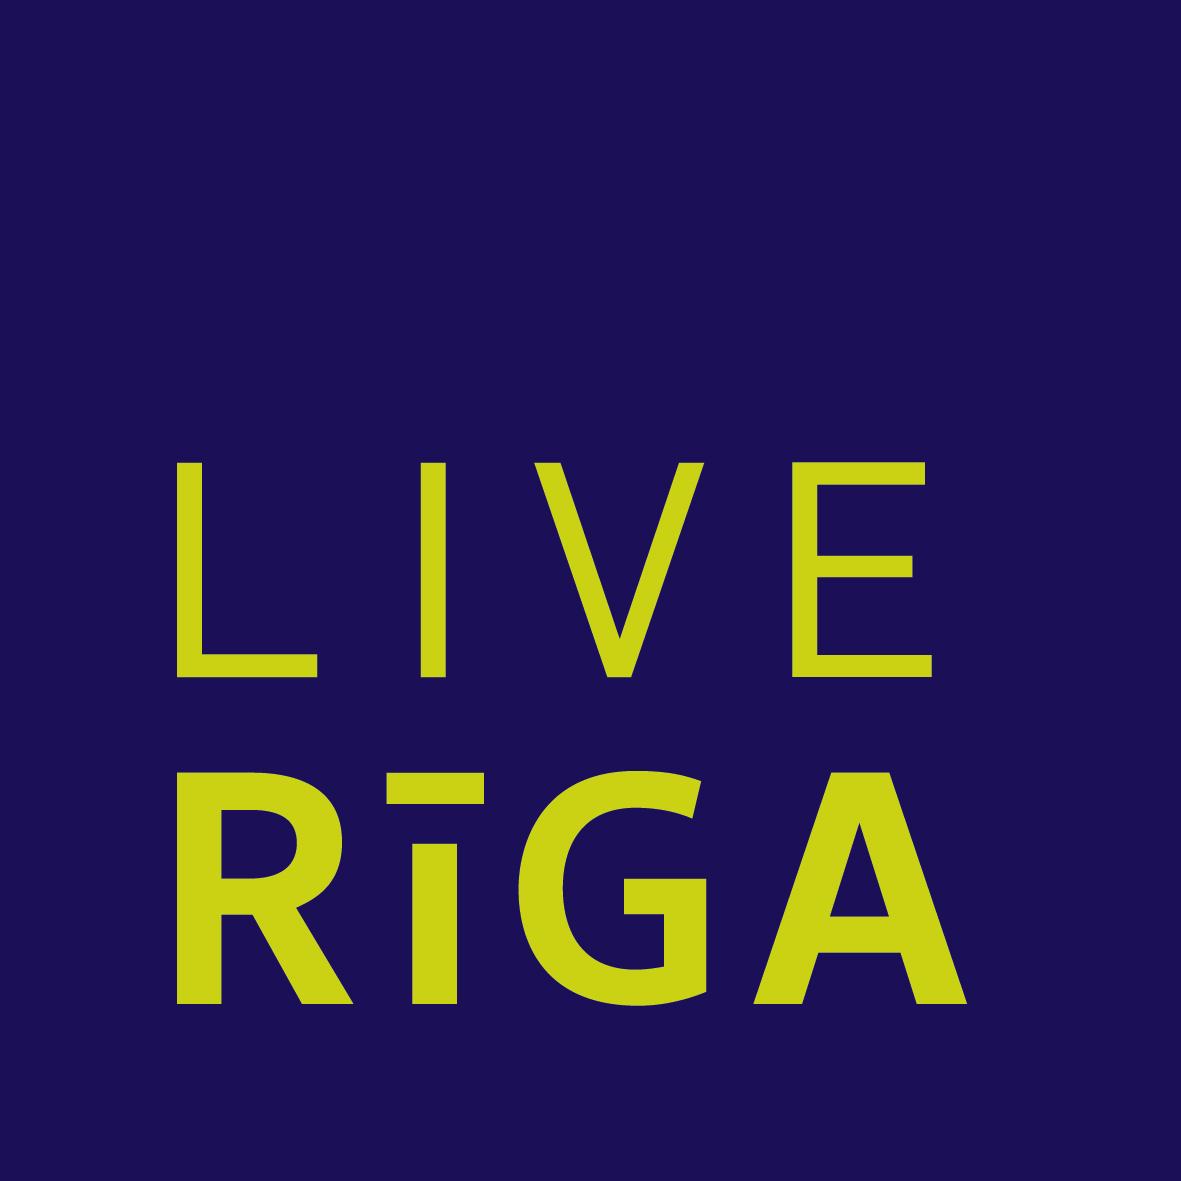 Live Riga